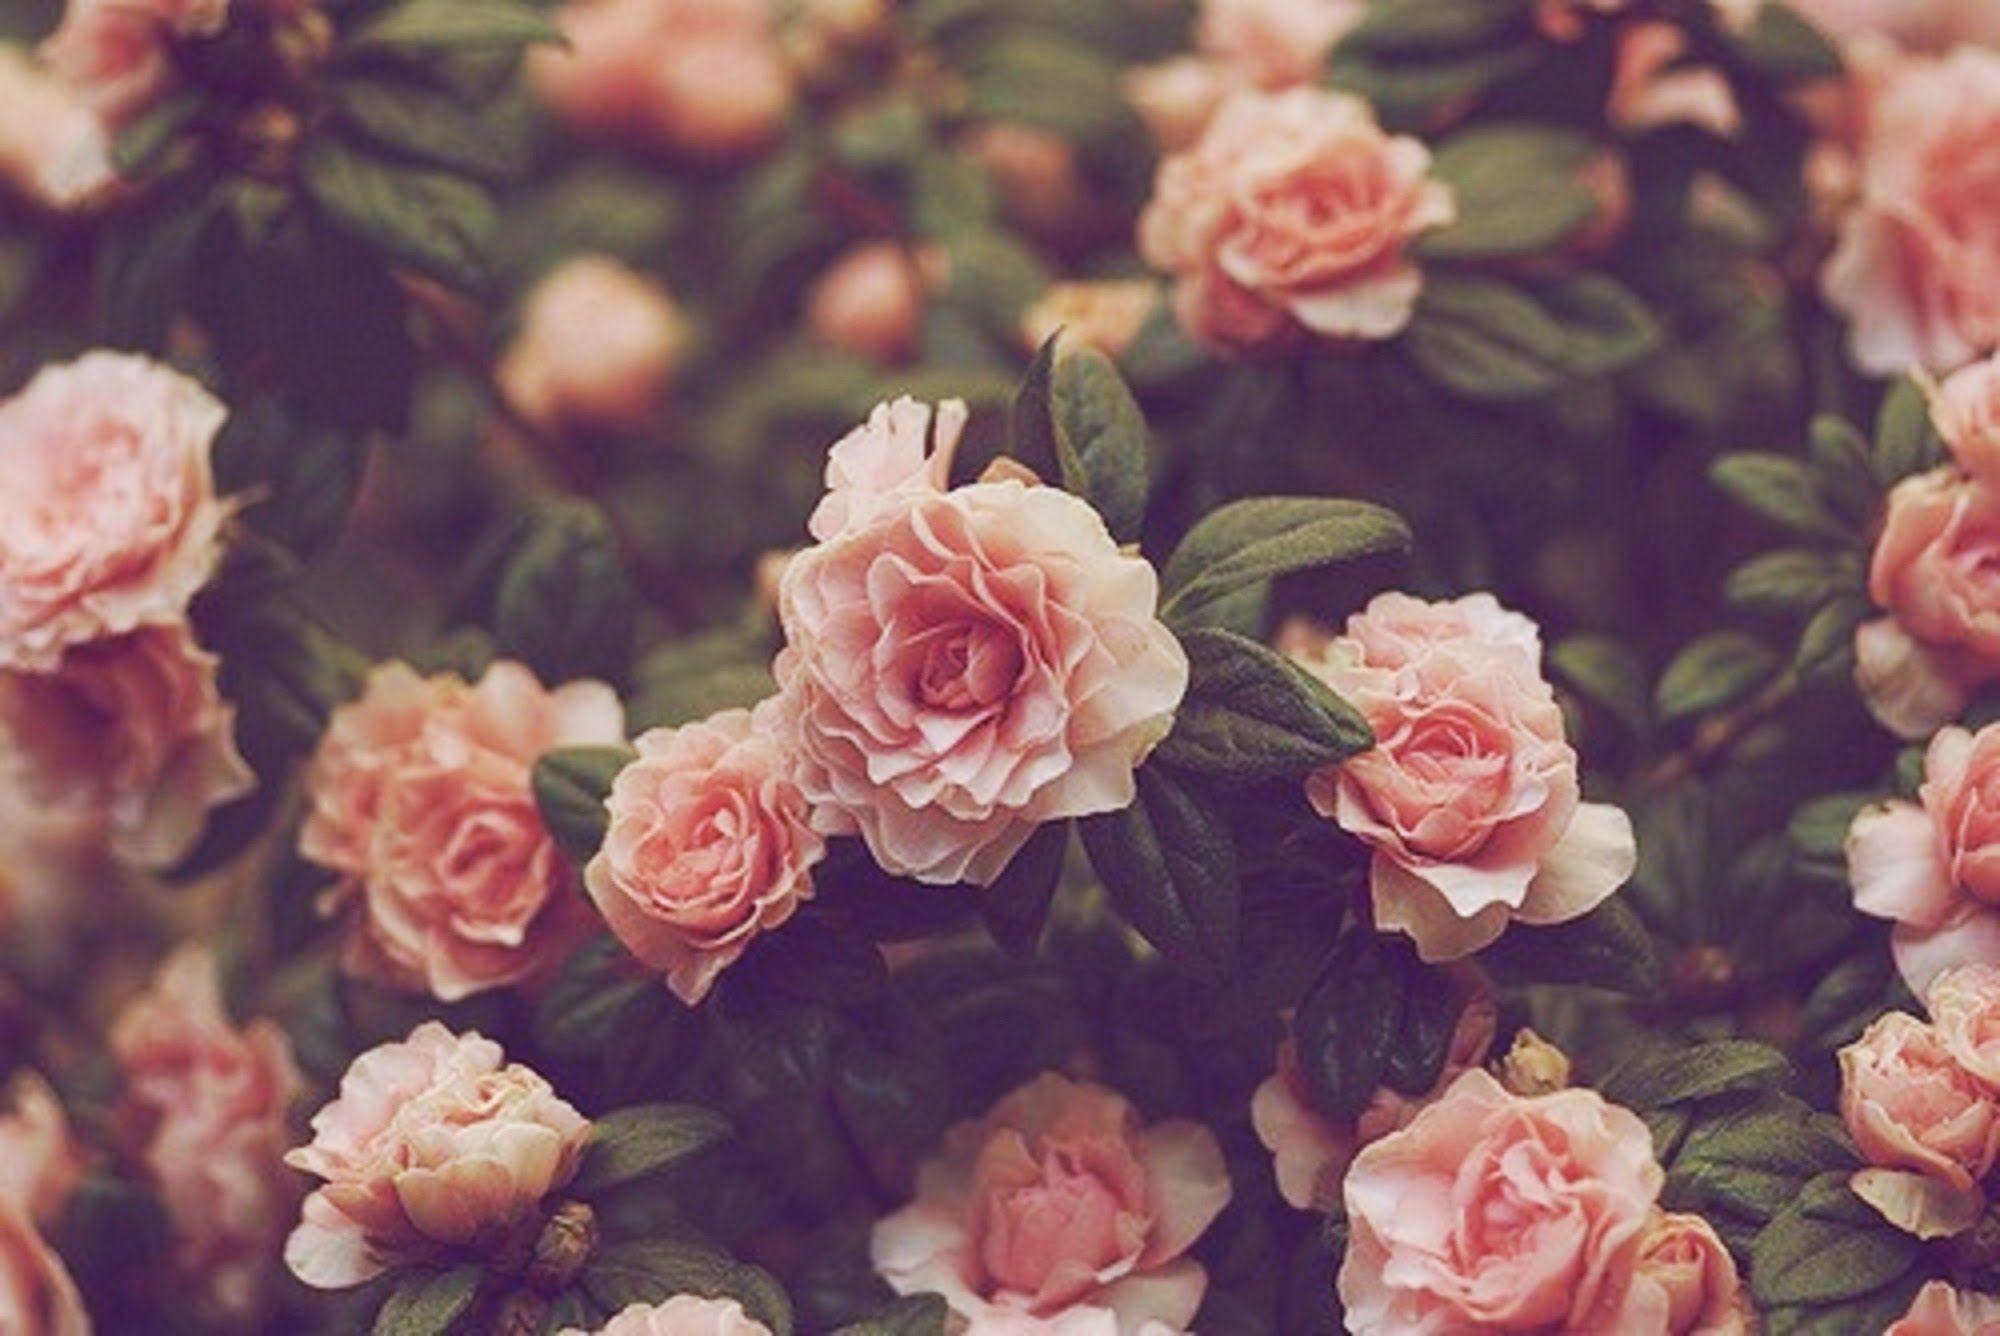 Tumblr Flowers Desktop Wallpapers   Top Tumblr Flowers 2000x1336